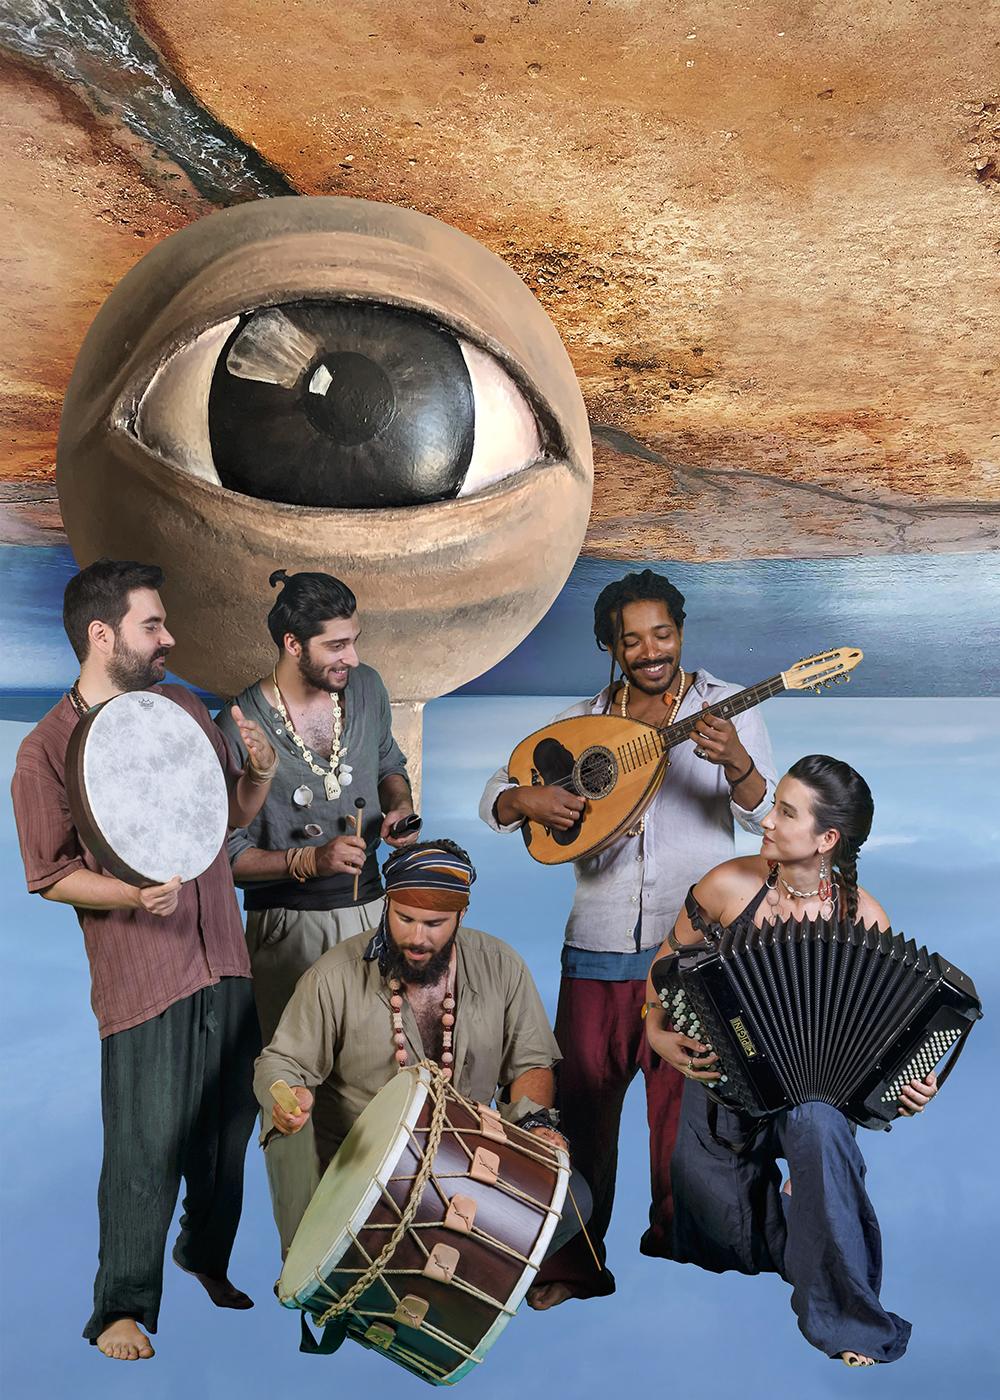 Η ιστορία ενός μονόφθαλμου: Μια μουσικοθεατρική παράσταση για όλη την οικογένεια